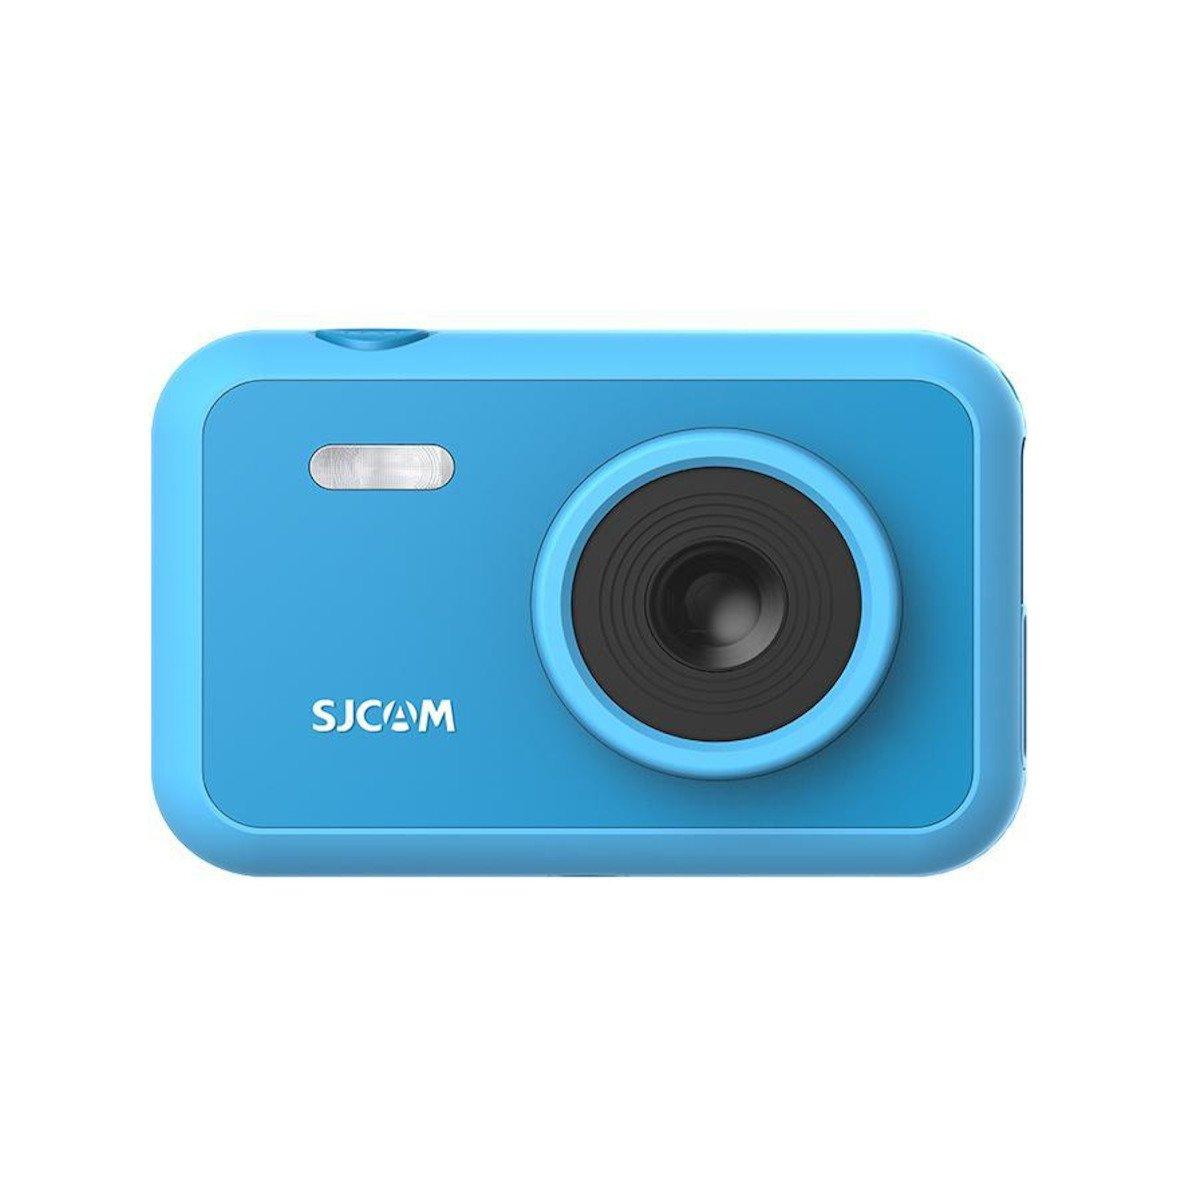 Smycz w zestawie z kamerą - dzięki niej masz pewność, że dziecko nie zgubi swojej ulubionej zabawki. Dodatkowo smycz zapobiega upadkowi produktu.